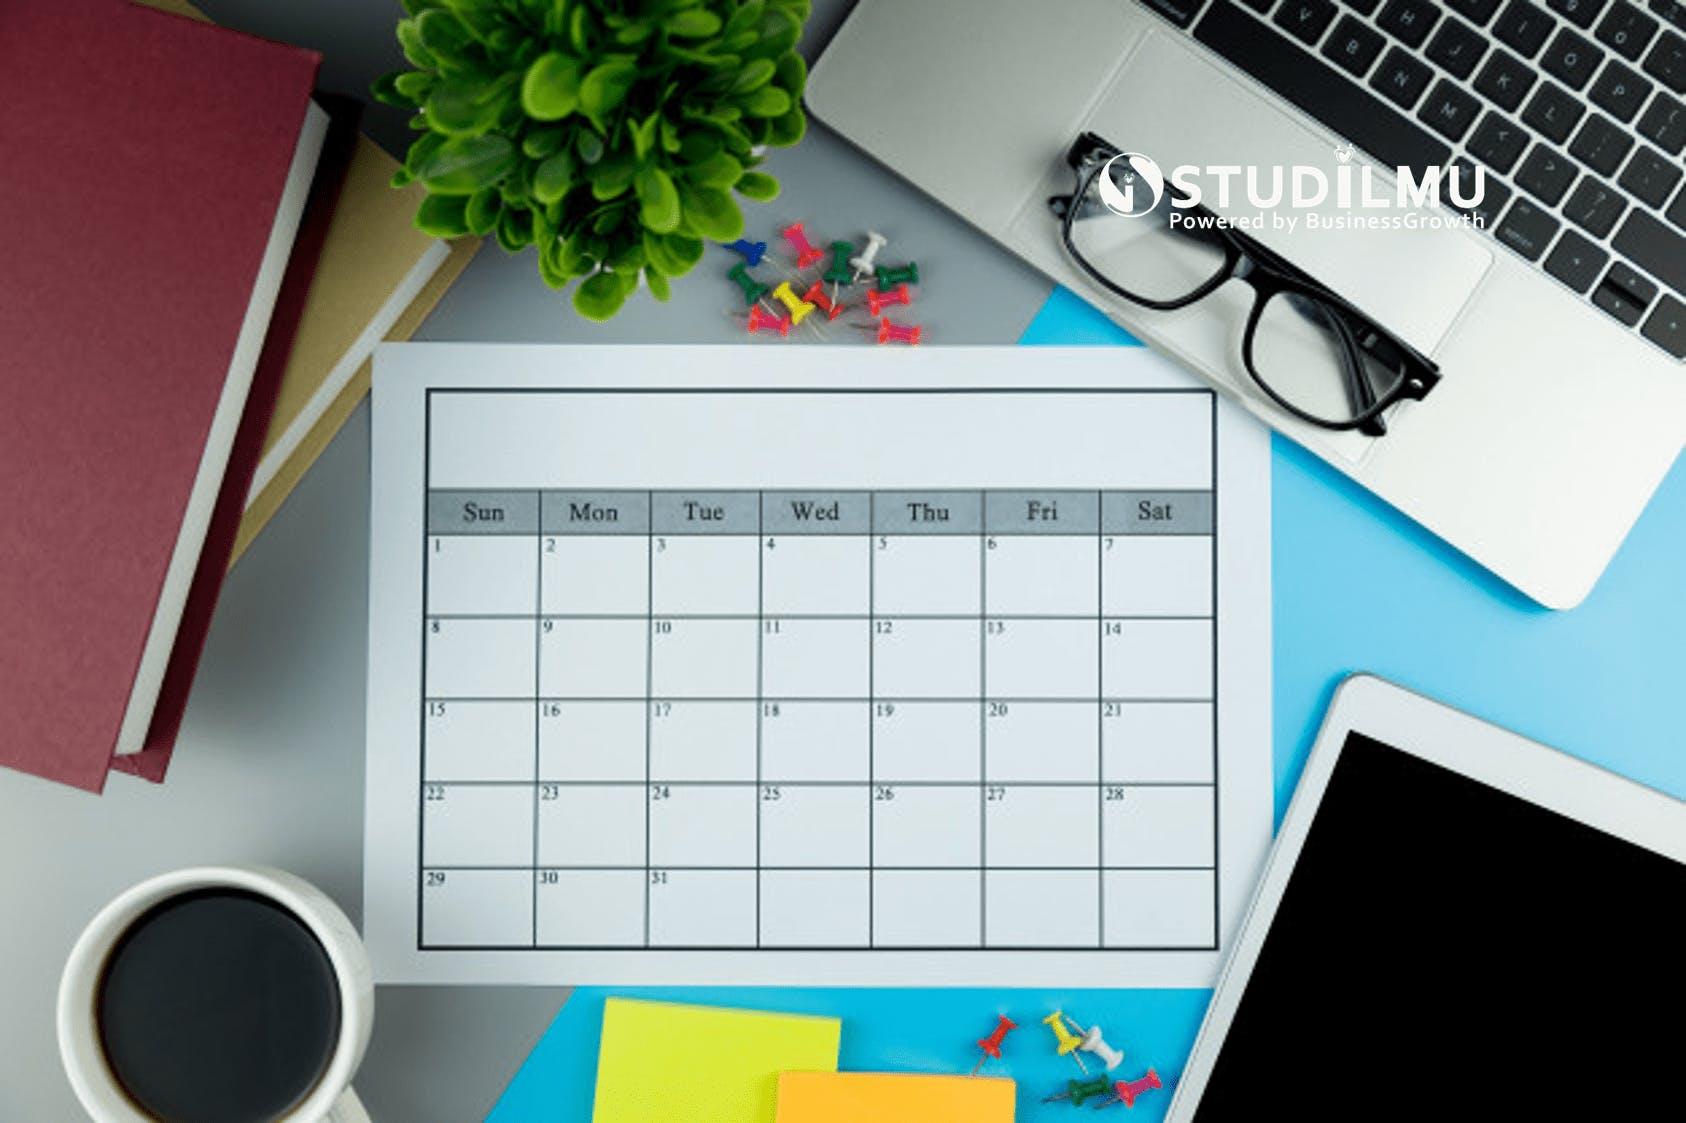 STUDILMU Career Advice - 13 Strategi Berkomunikasi dalam Menyukseskan Acara Kantor